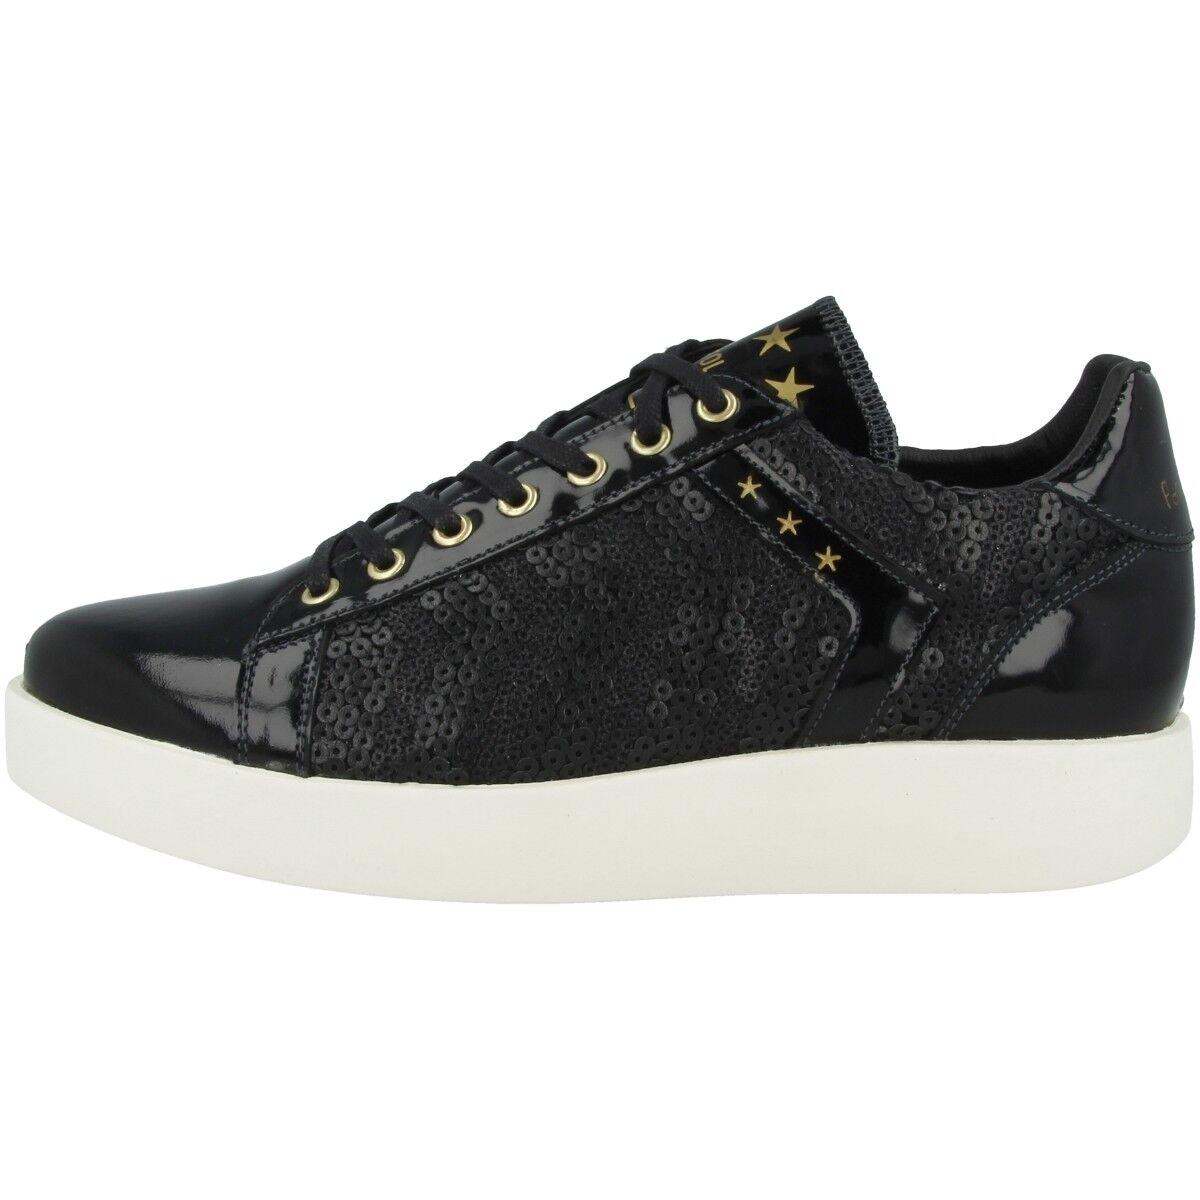 Pantofola D gold Lecce Pailette Donne Donne Donne Low shoes Women's Sneakers Black 10181051.2 515c88